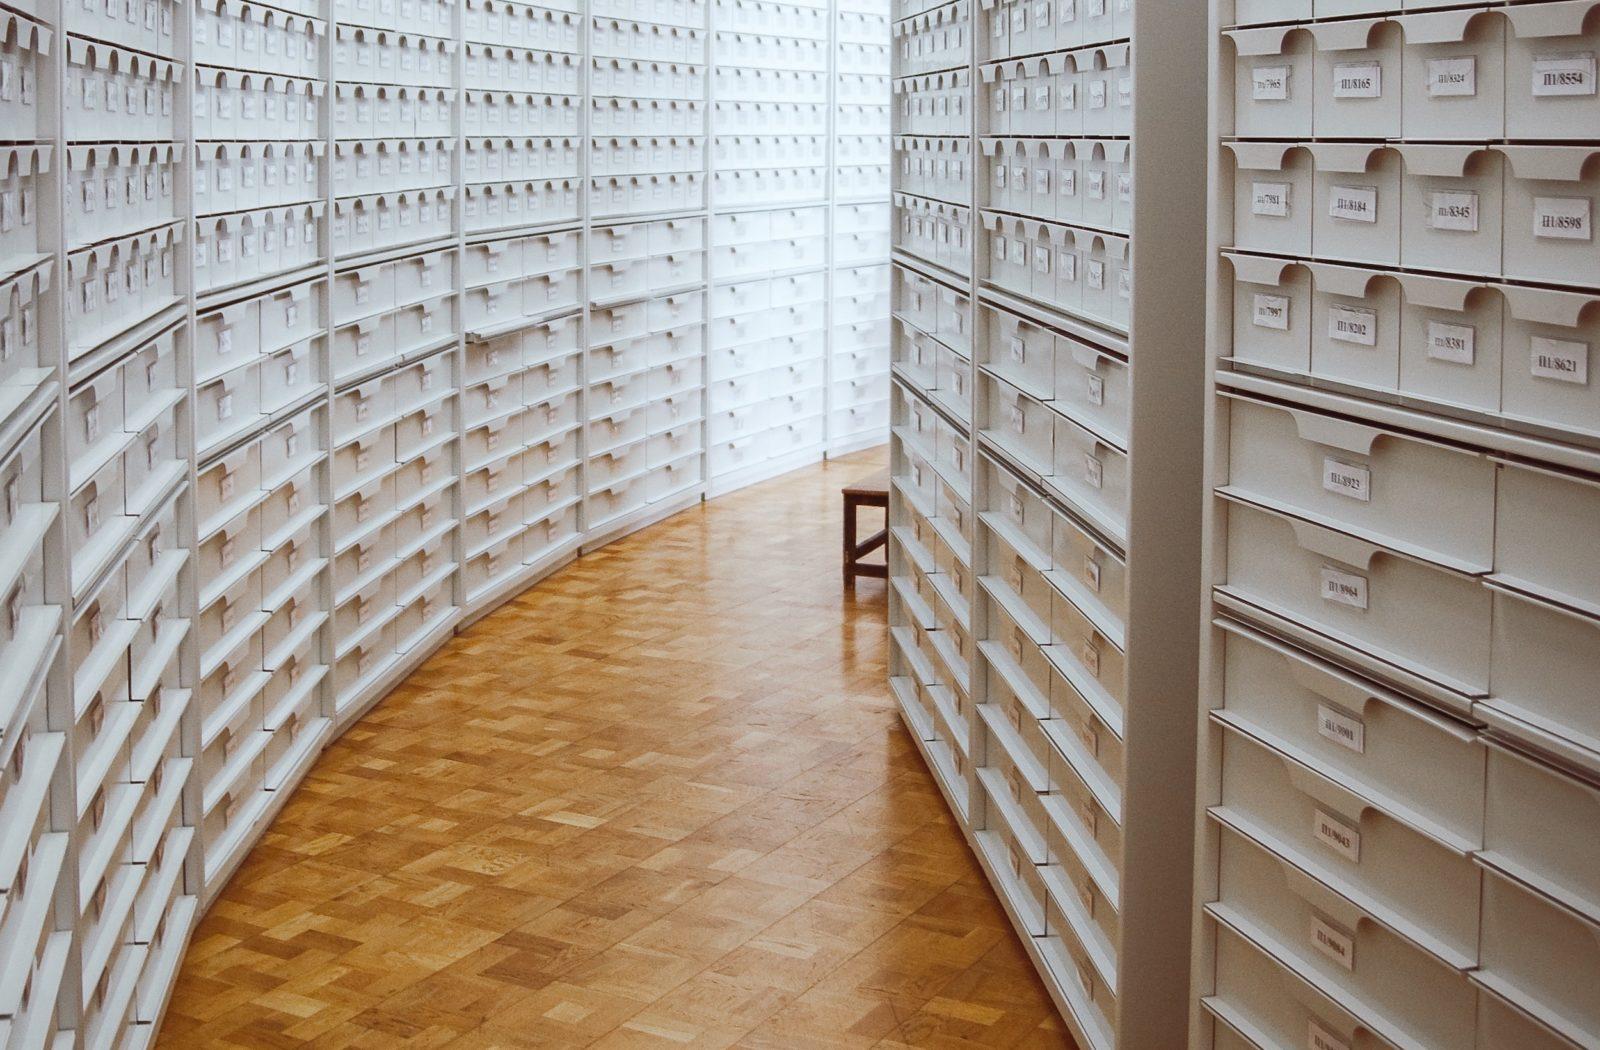 Laboratorio Archivistico 2020 Conosciamo i Docenti – Massimo Coen Cagli